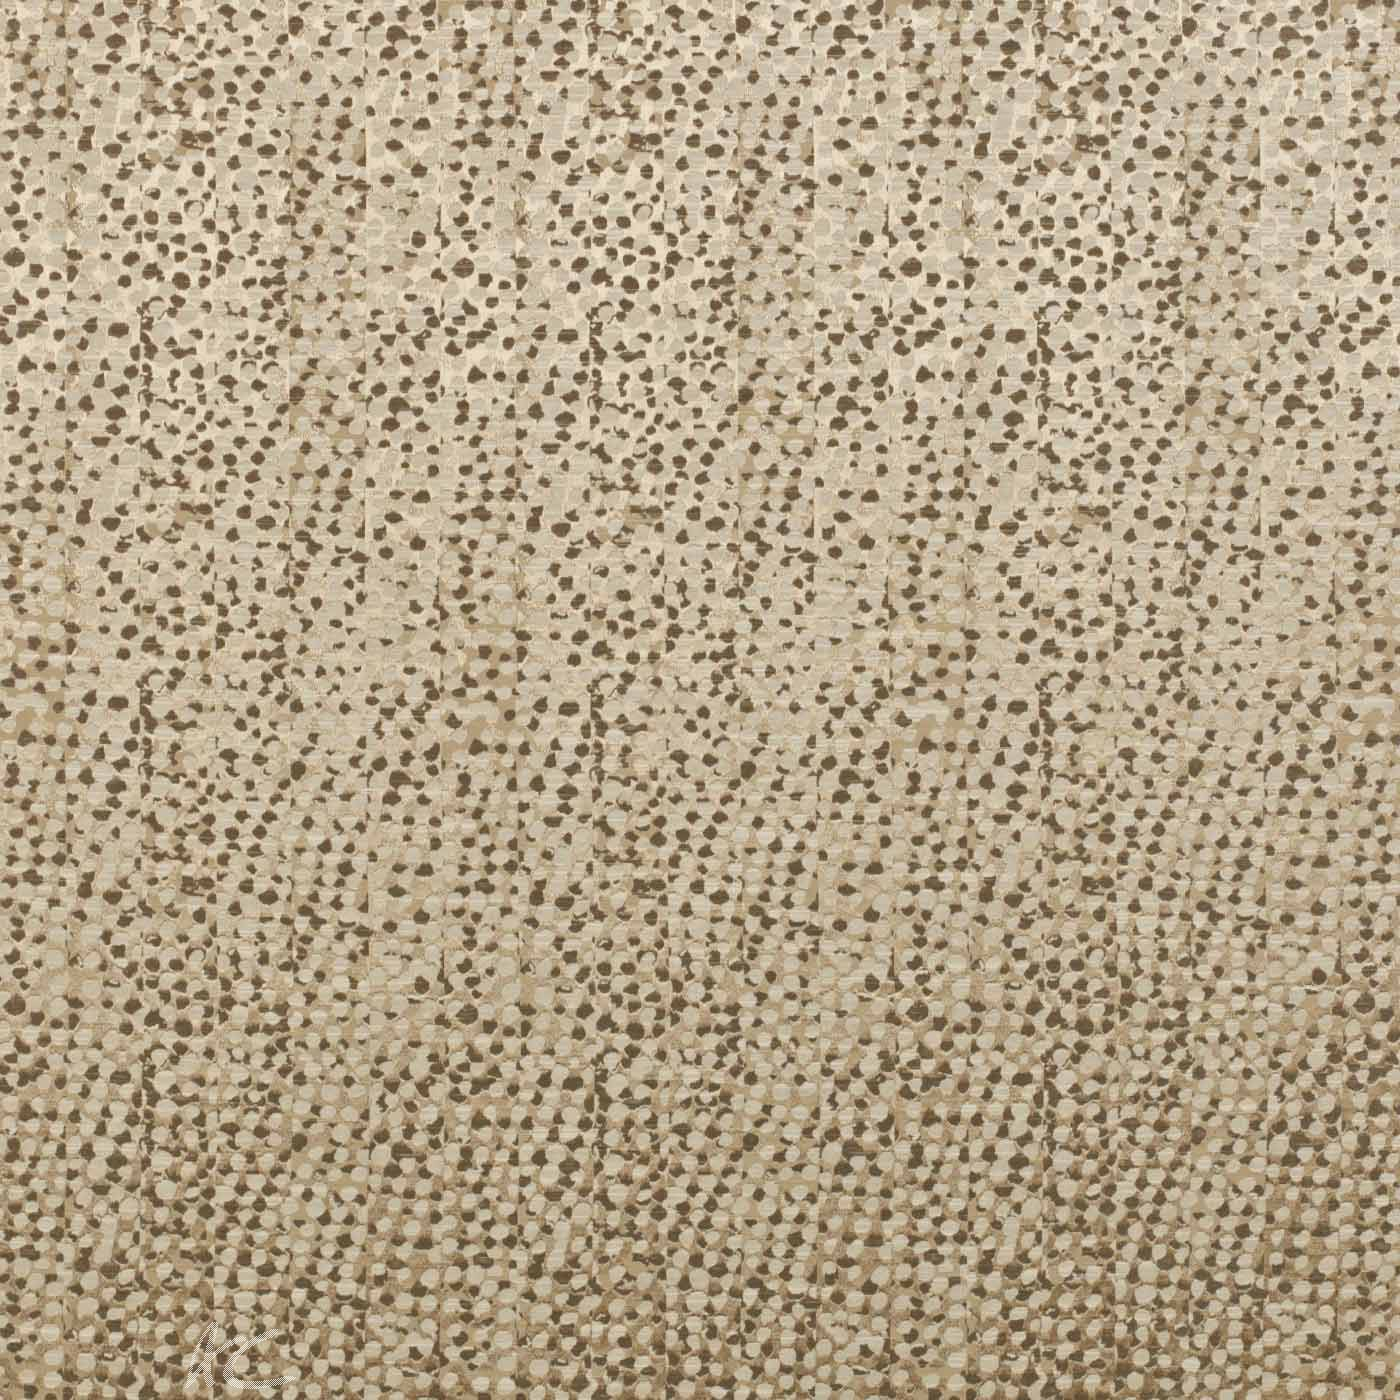 Samarkand Termez Taupe Cushion Covers